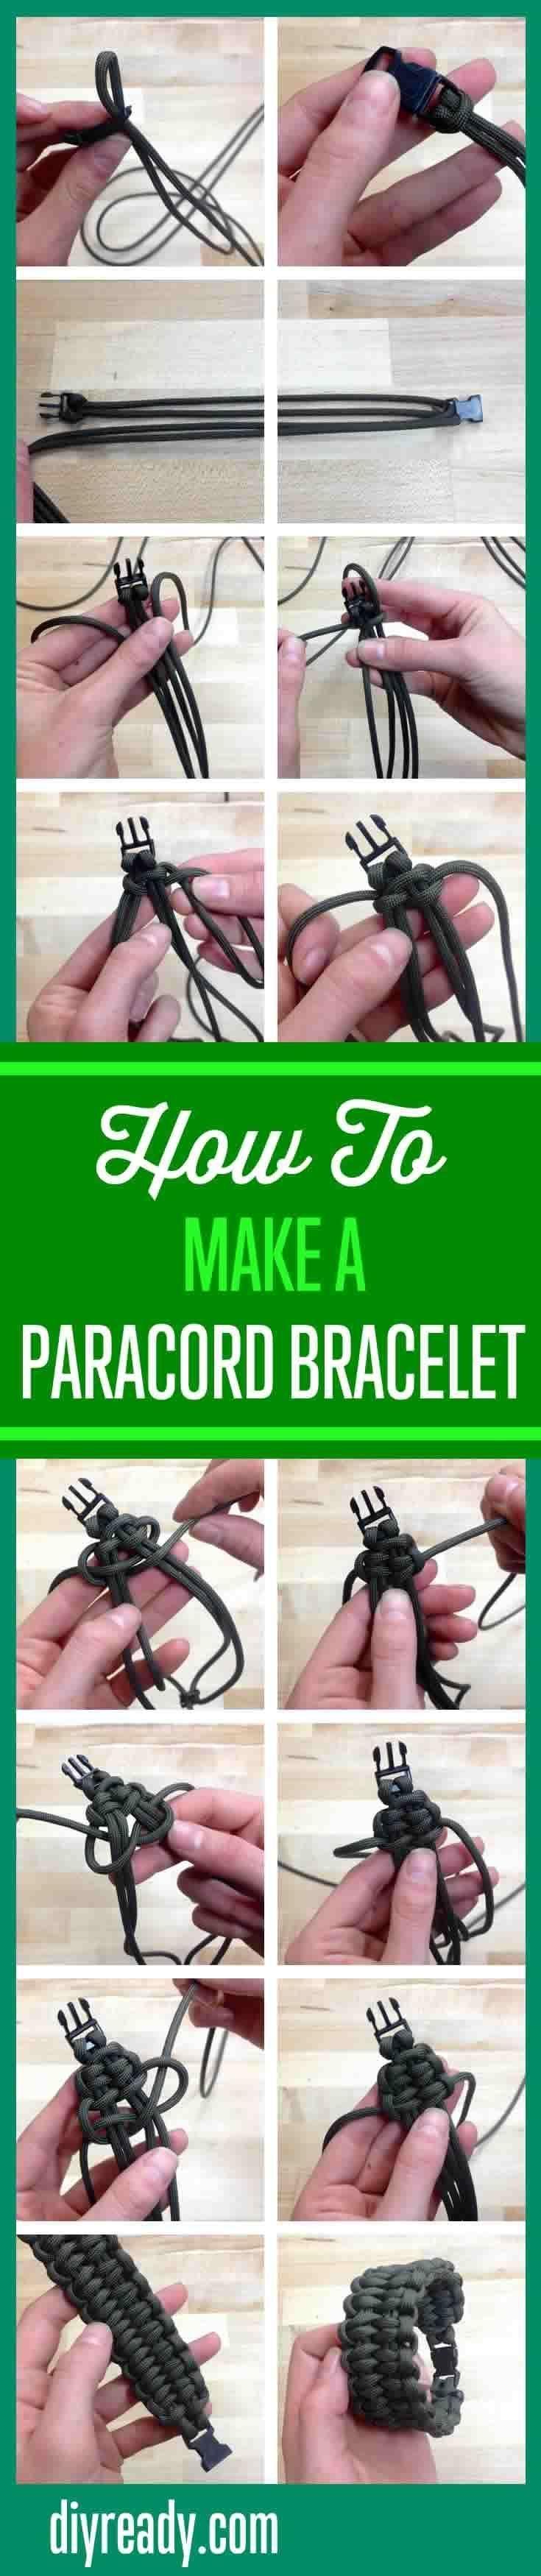 quick deploy paracord bracelet instructions